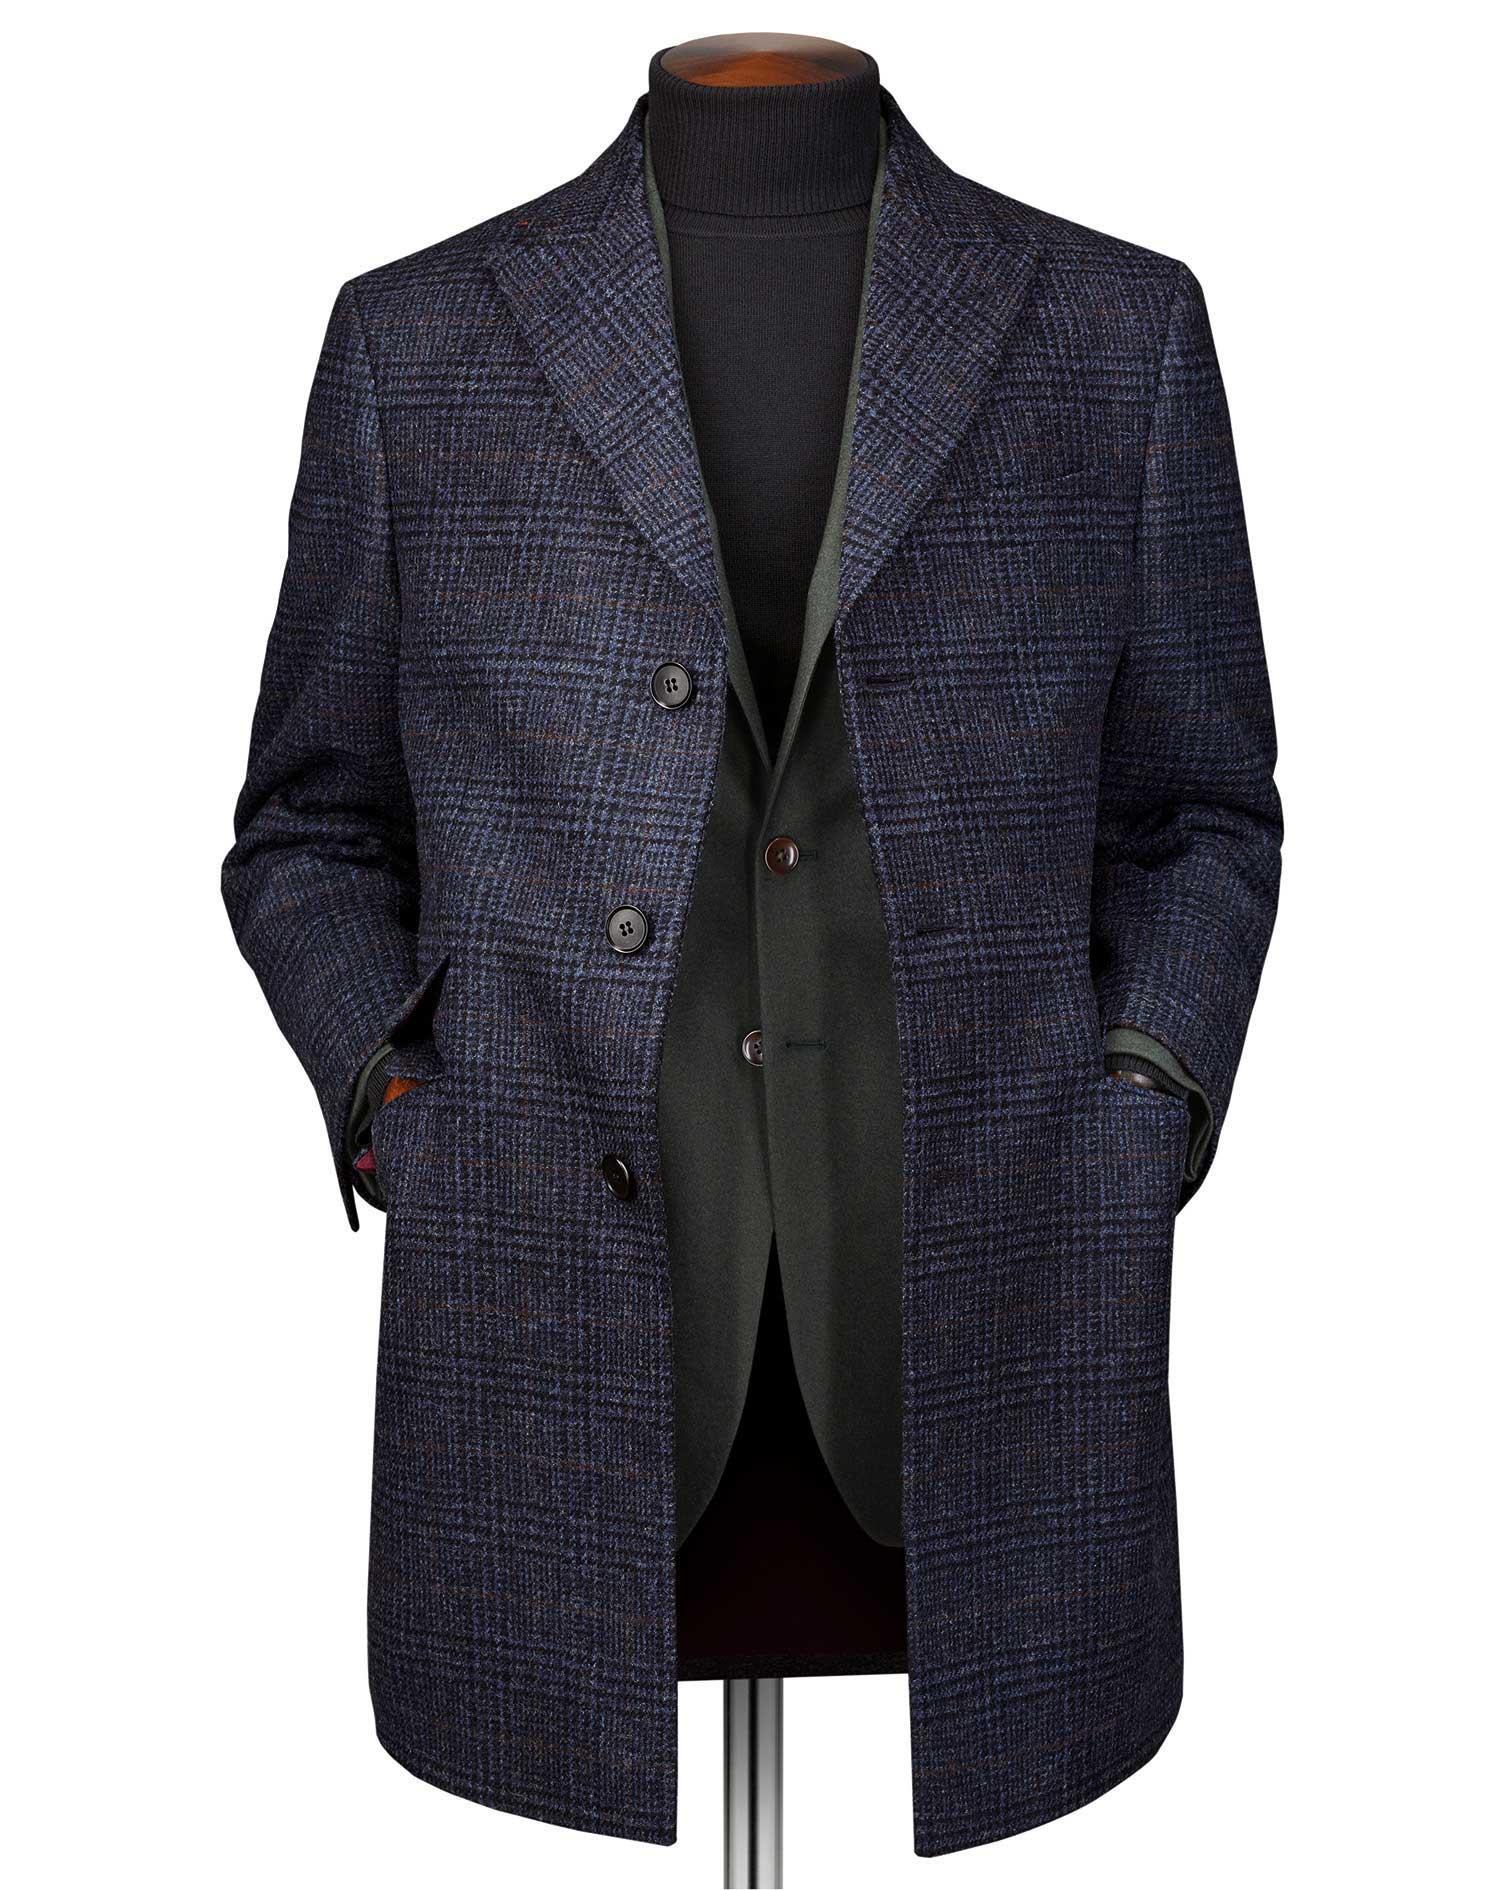 Navy OverCheckered Wool Epsom Coat Size 38 Regular by Charles Tyrwhitt